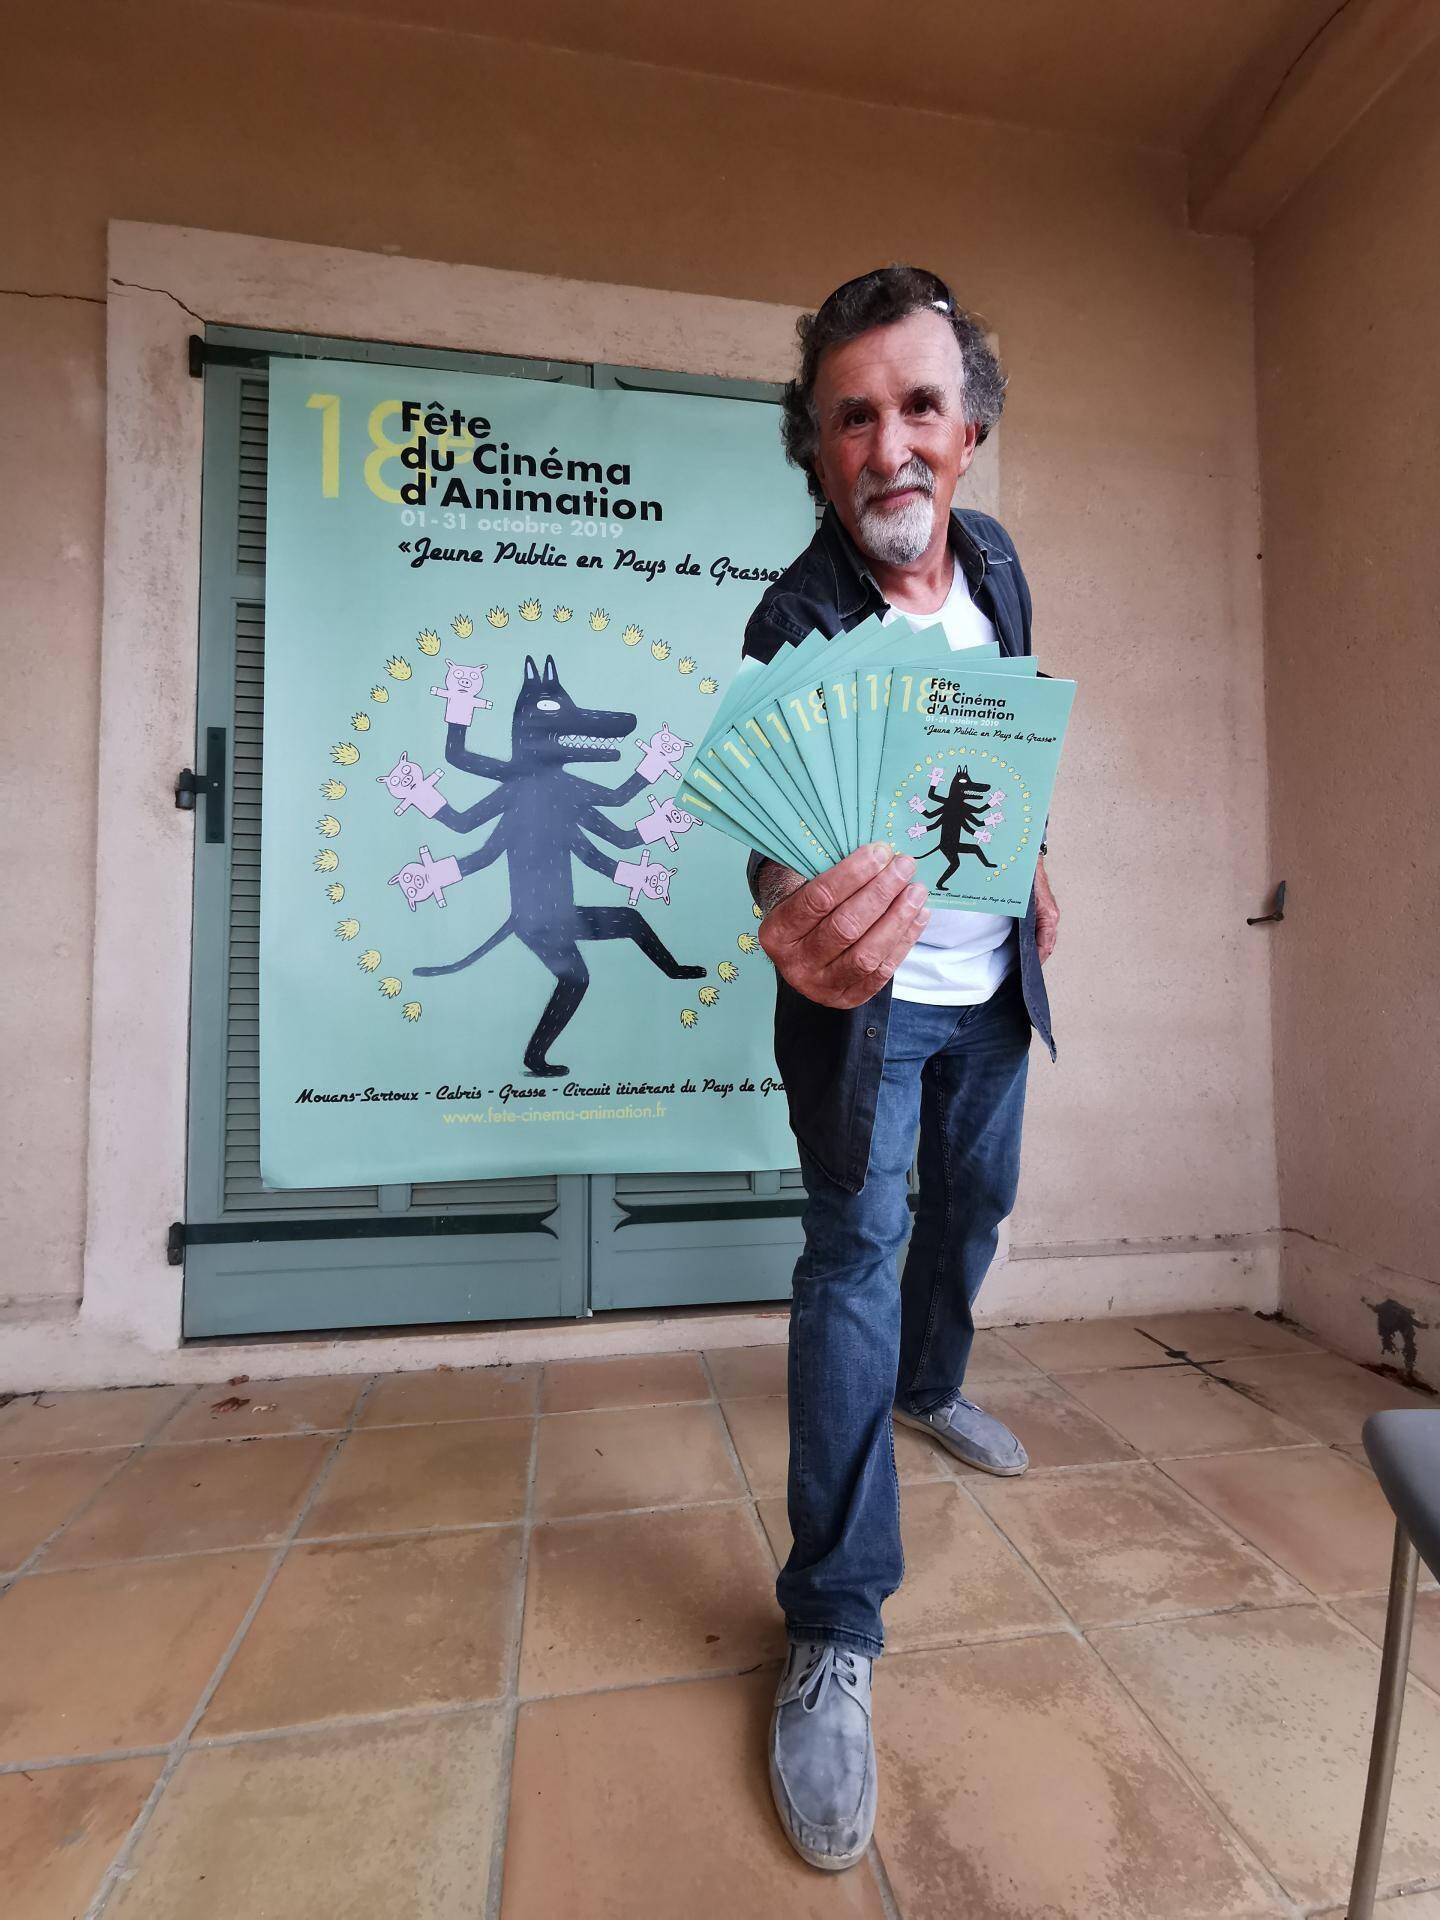 Jean Zémor, président du festival des Cabrioles (Cabris) coordonne cette Fête du film d'animation nationale déclinée à l'échelon du pays grassois pour la première fois.